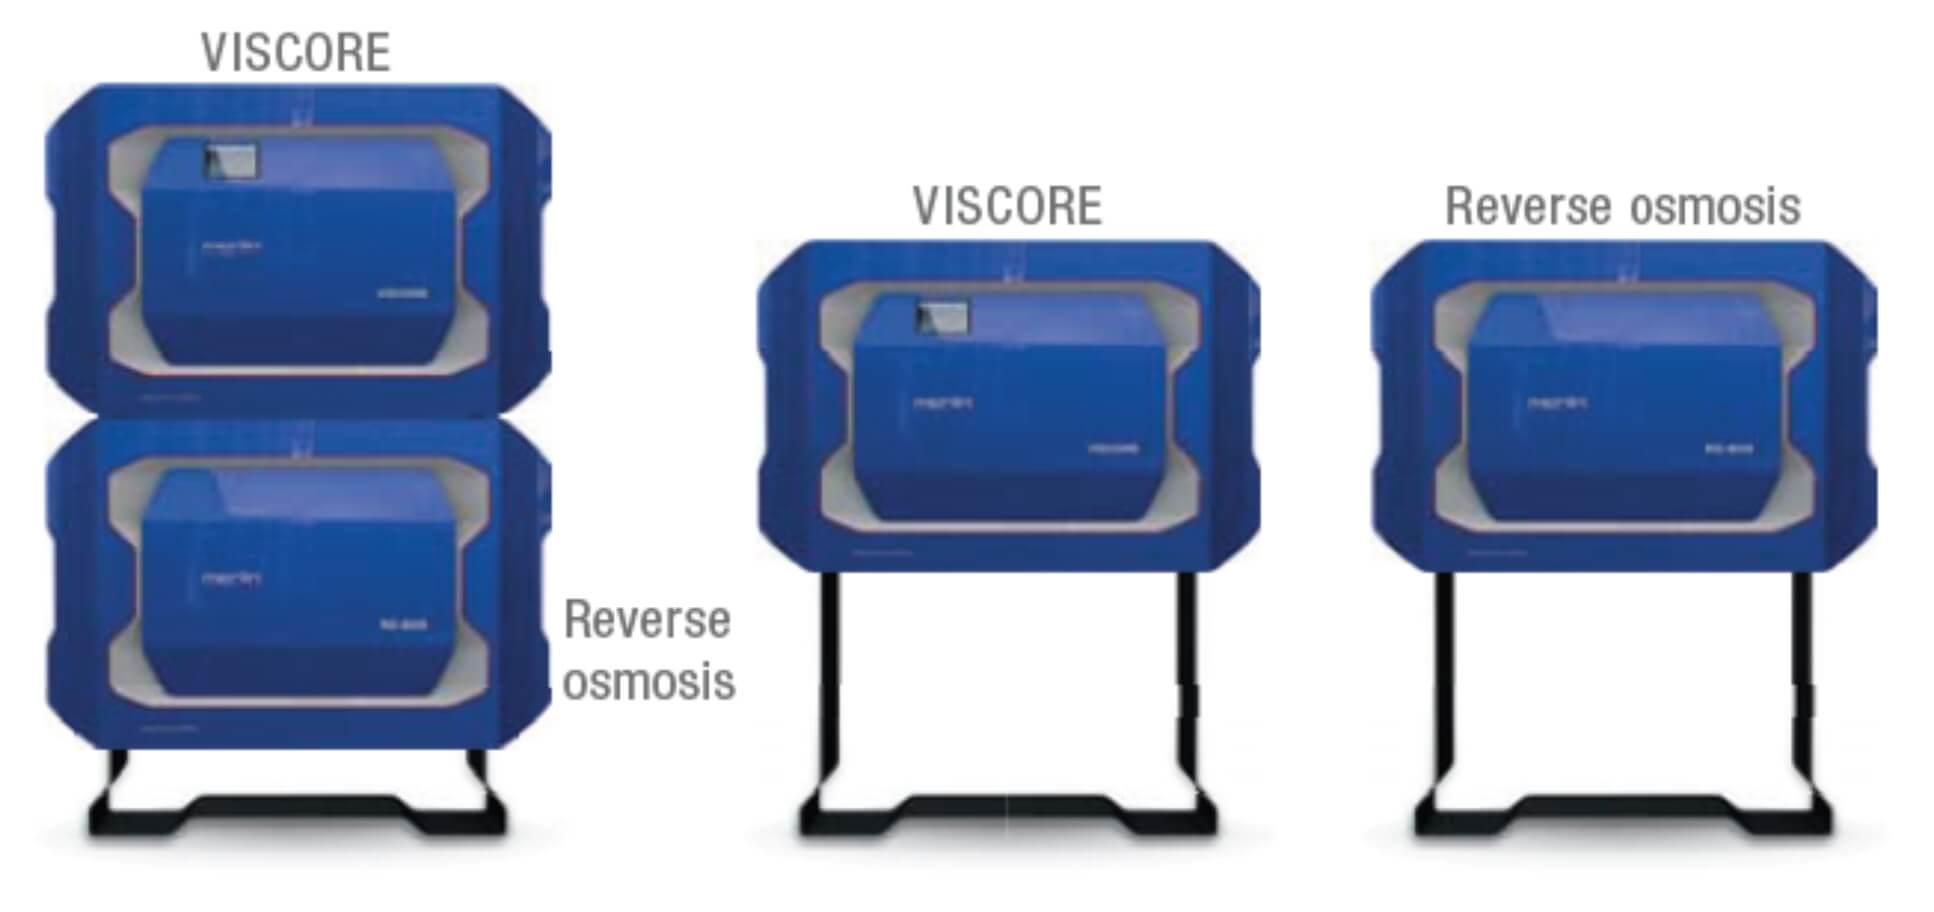 VISCORE Layout Options